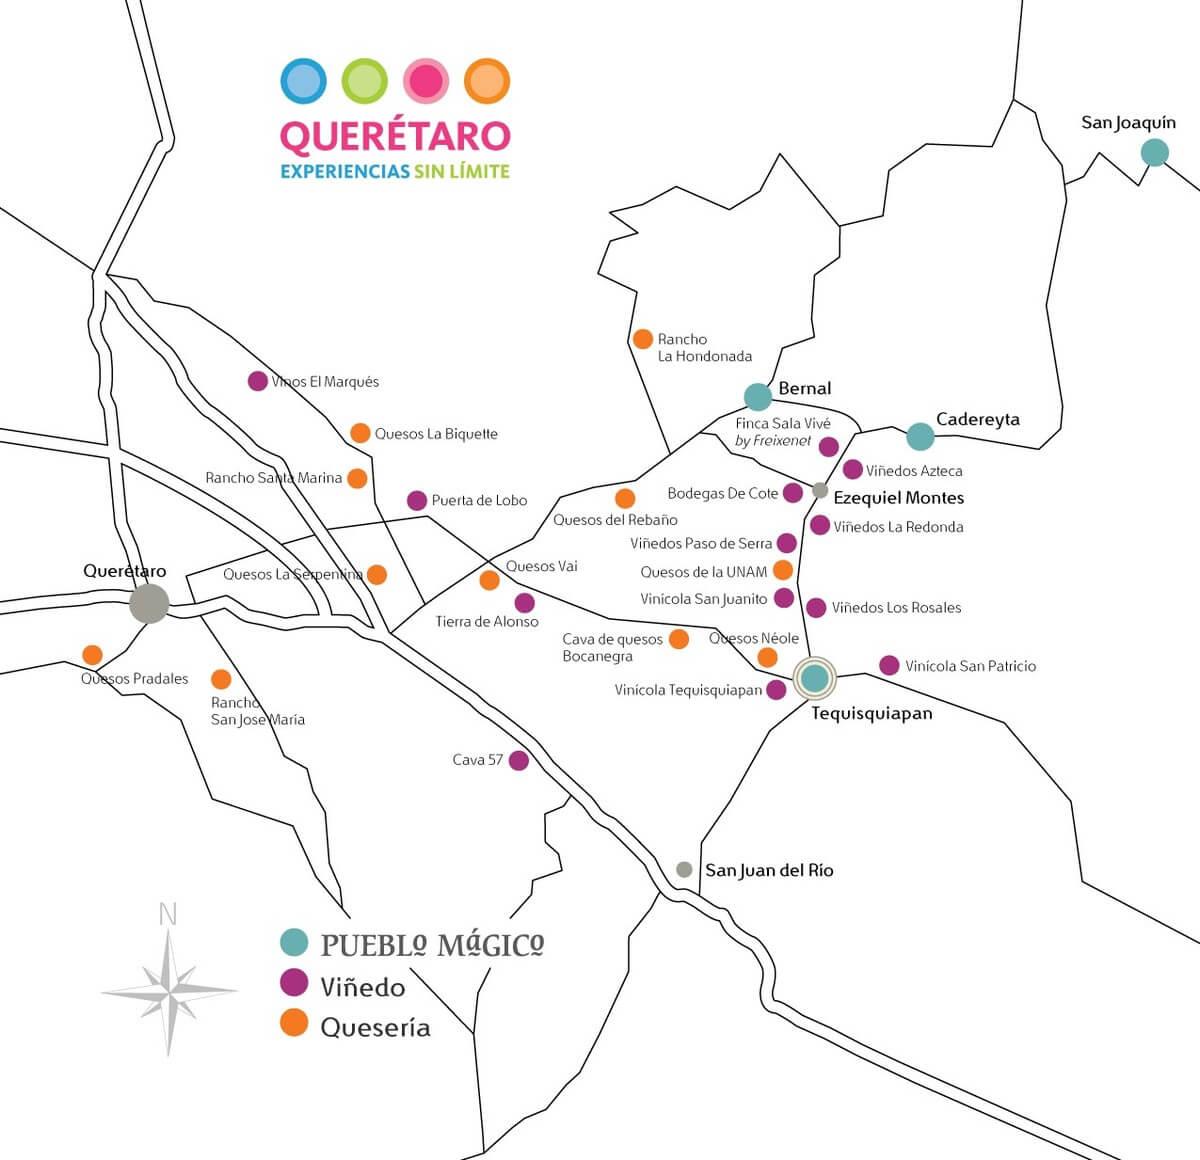 Queretaro Mexico S Second Largest Wine Region